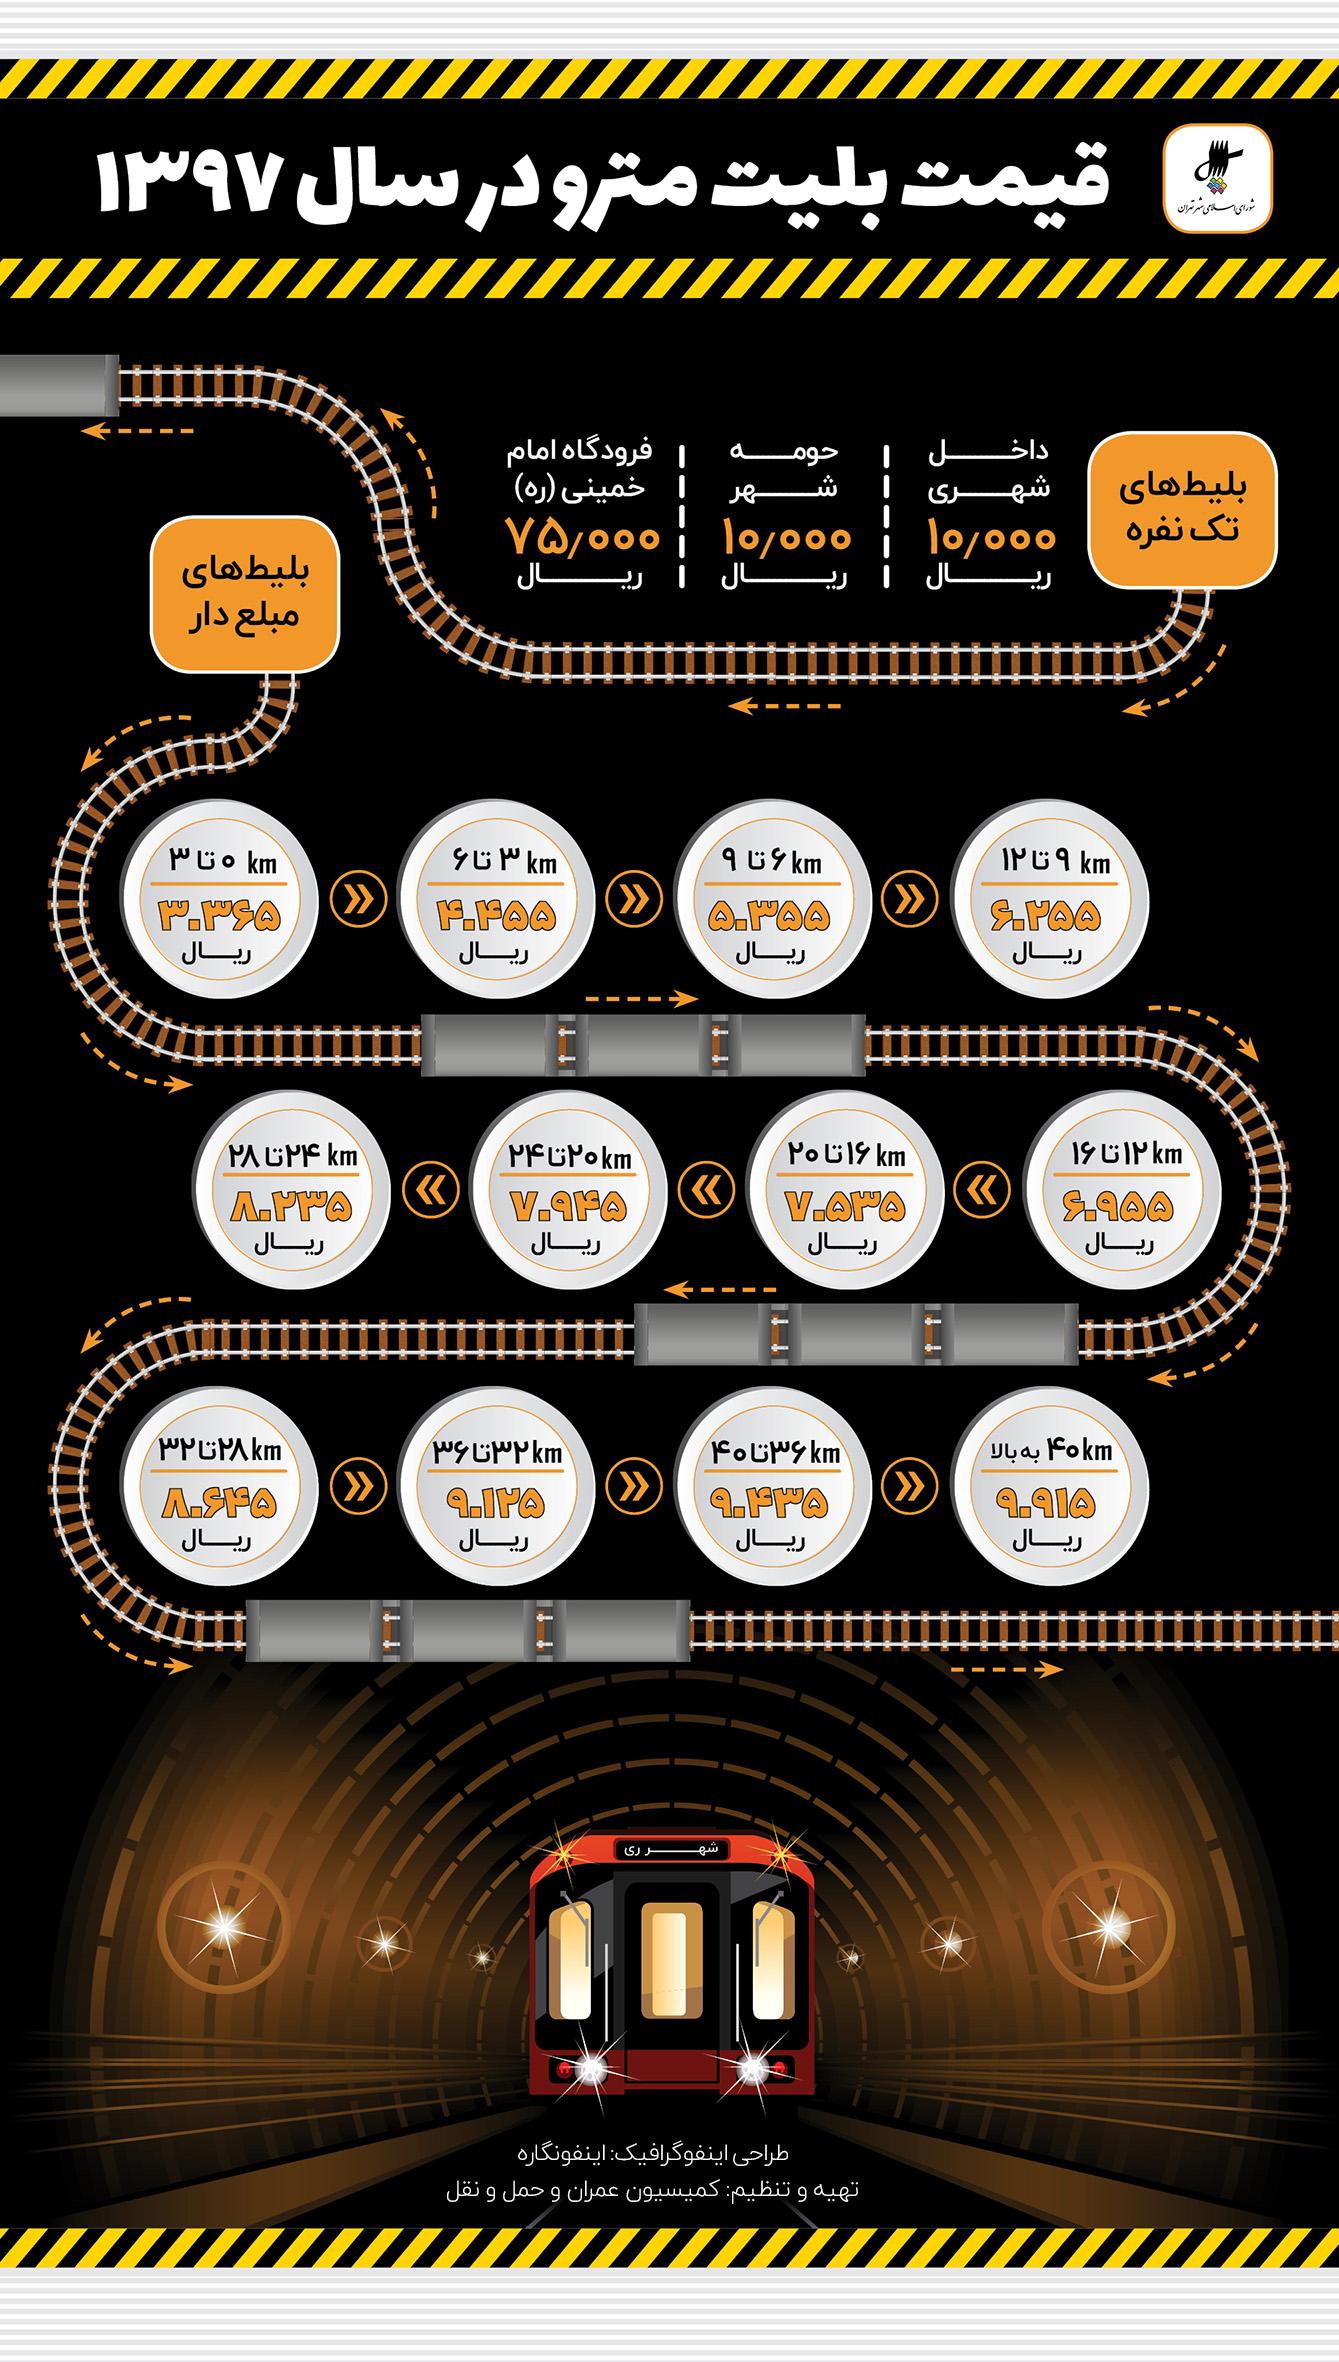 اینفوگرافیک قیمت بلیت مترو در سال ۱۳۹۷